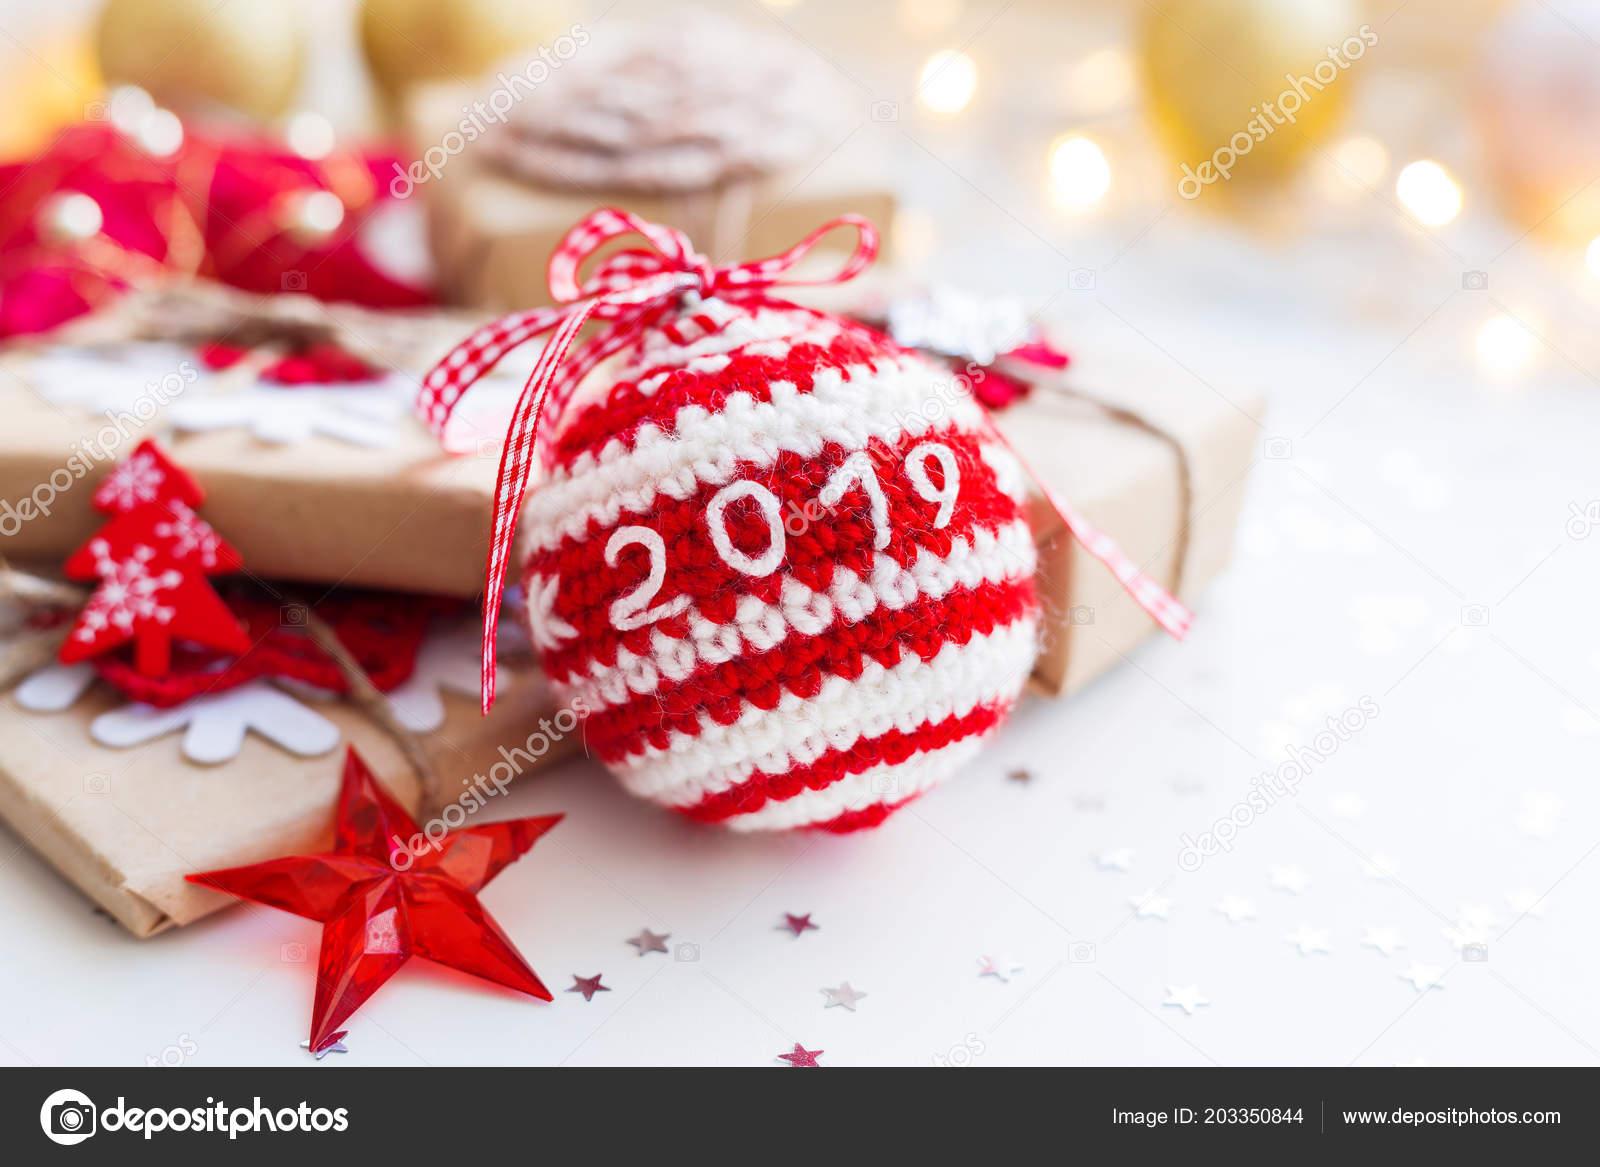 Weihnachten Geschenke 2019.Weihnachten Und Neujahr 2019 Hintergrund Mit Gehäkelten Handgemachte